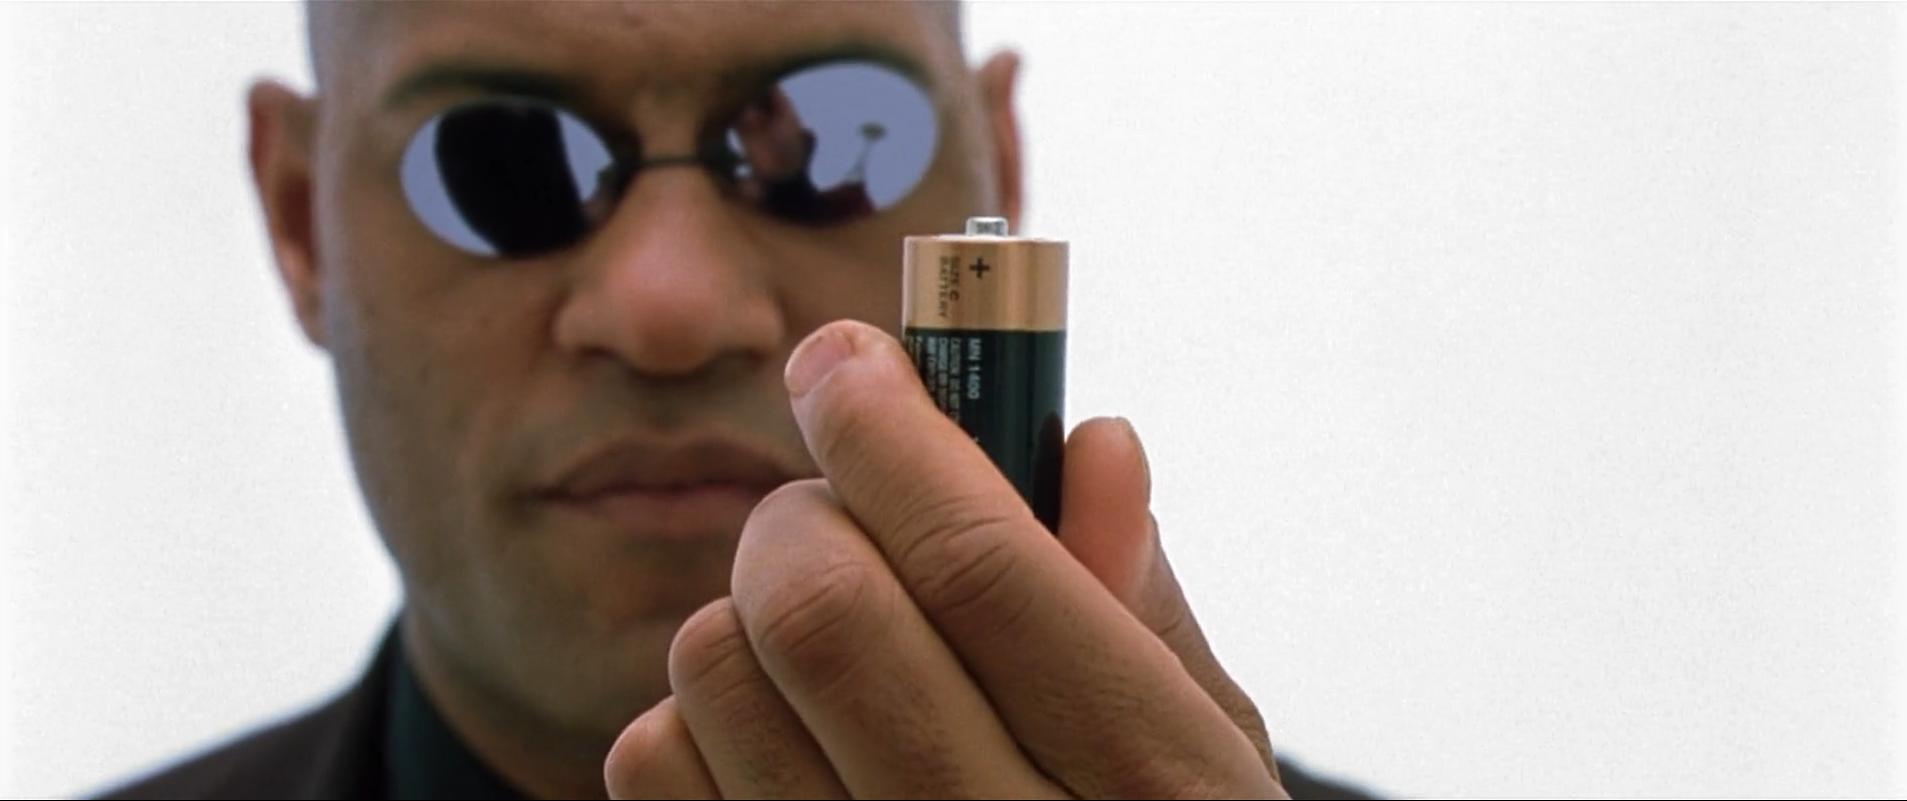 Matrix analysis (1): Battery | The Marxian Matrix